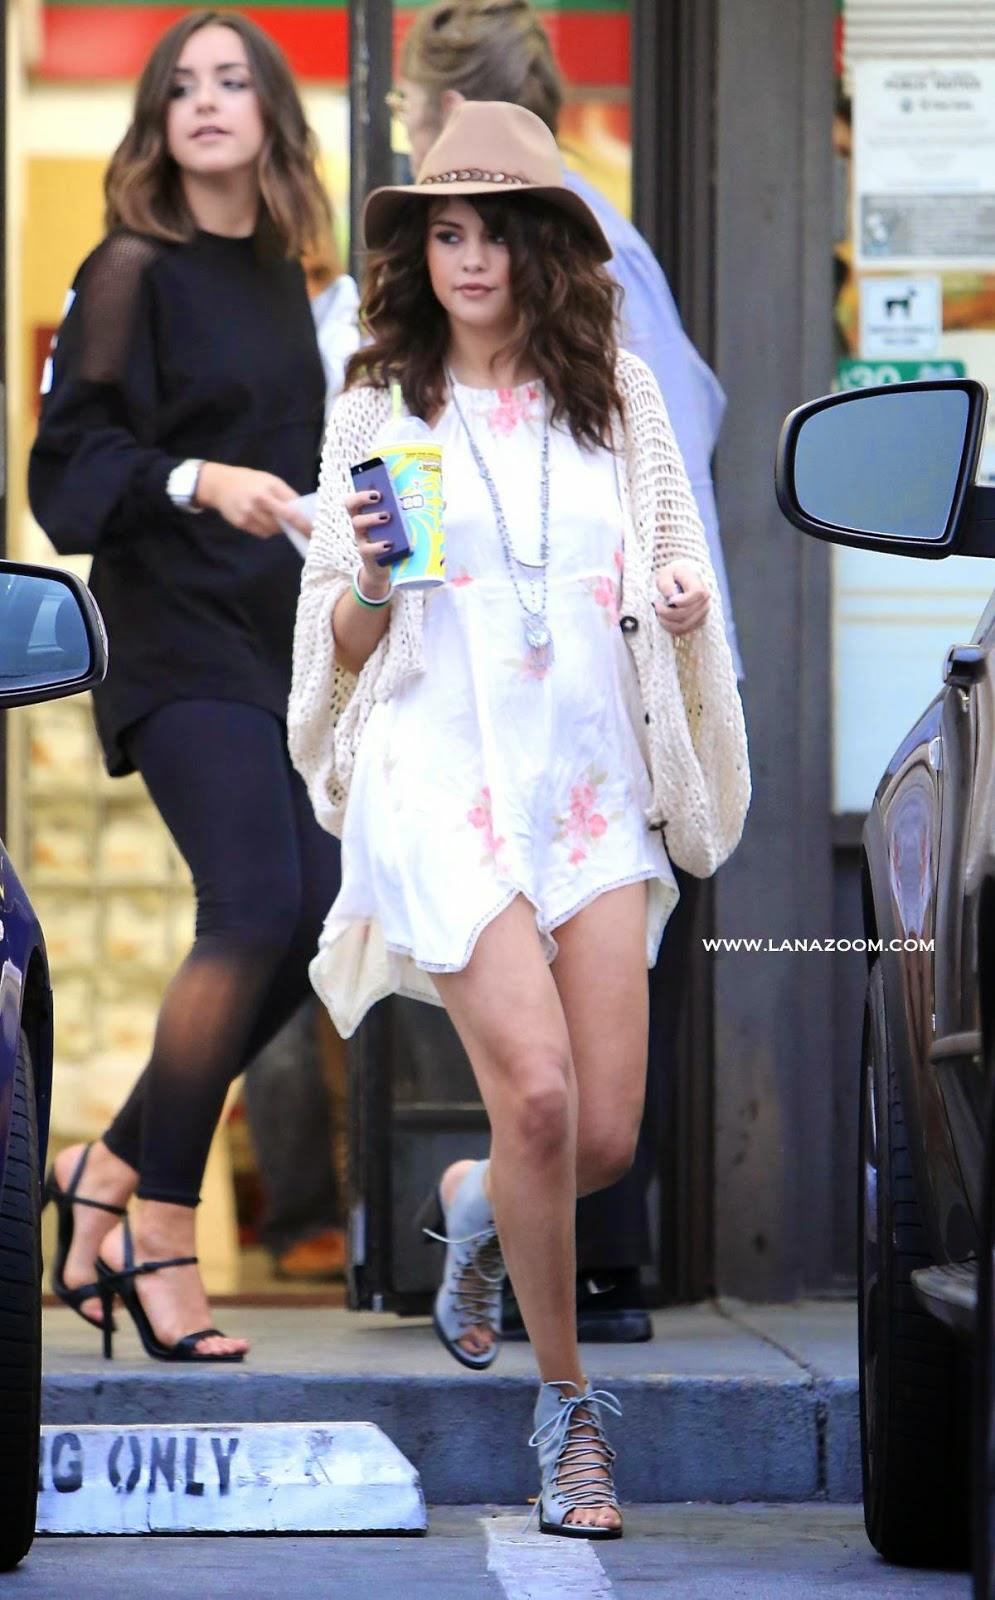 صور الجميلة سيلينا غوميز في فستان قصير يظهر أرجلها الناعمة في لوس انجليس